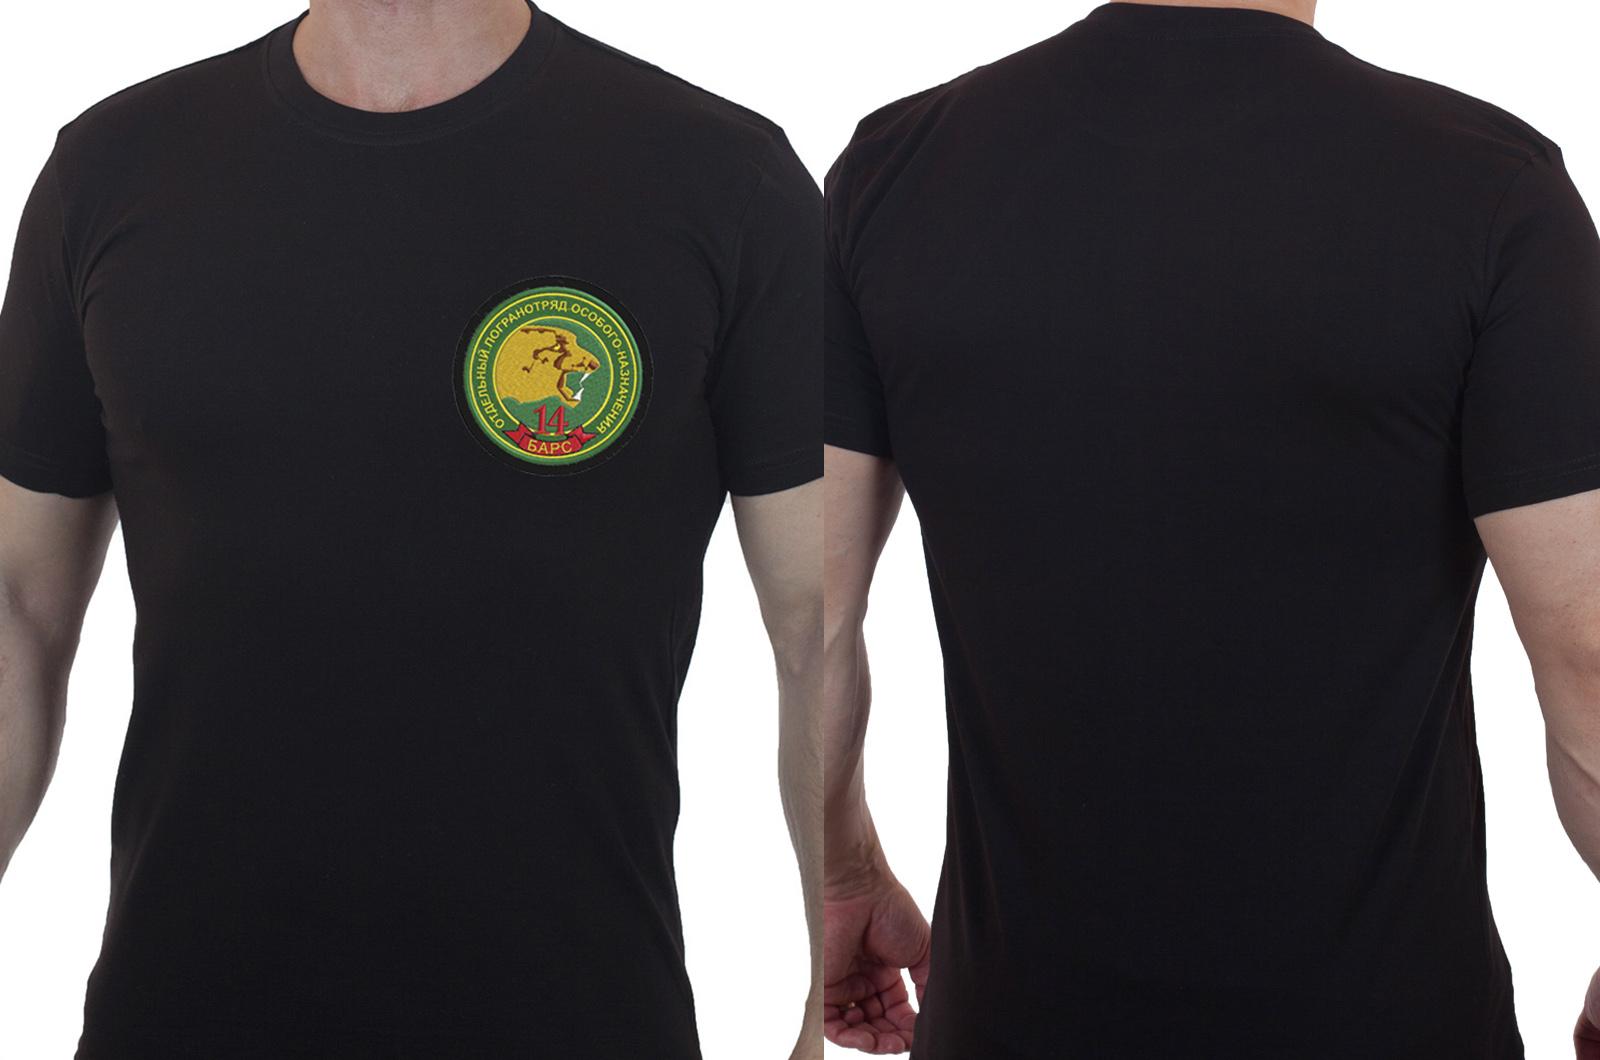 Хлопковая мужская футболка с вышивкой ПогООН БАРС 14 - купить в подарок